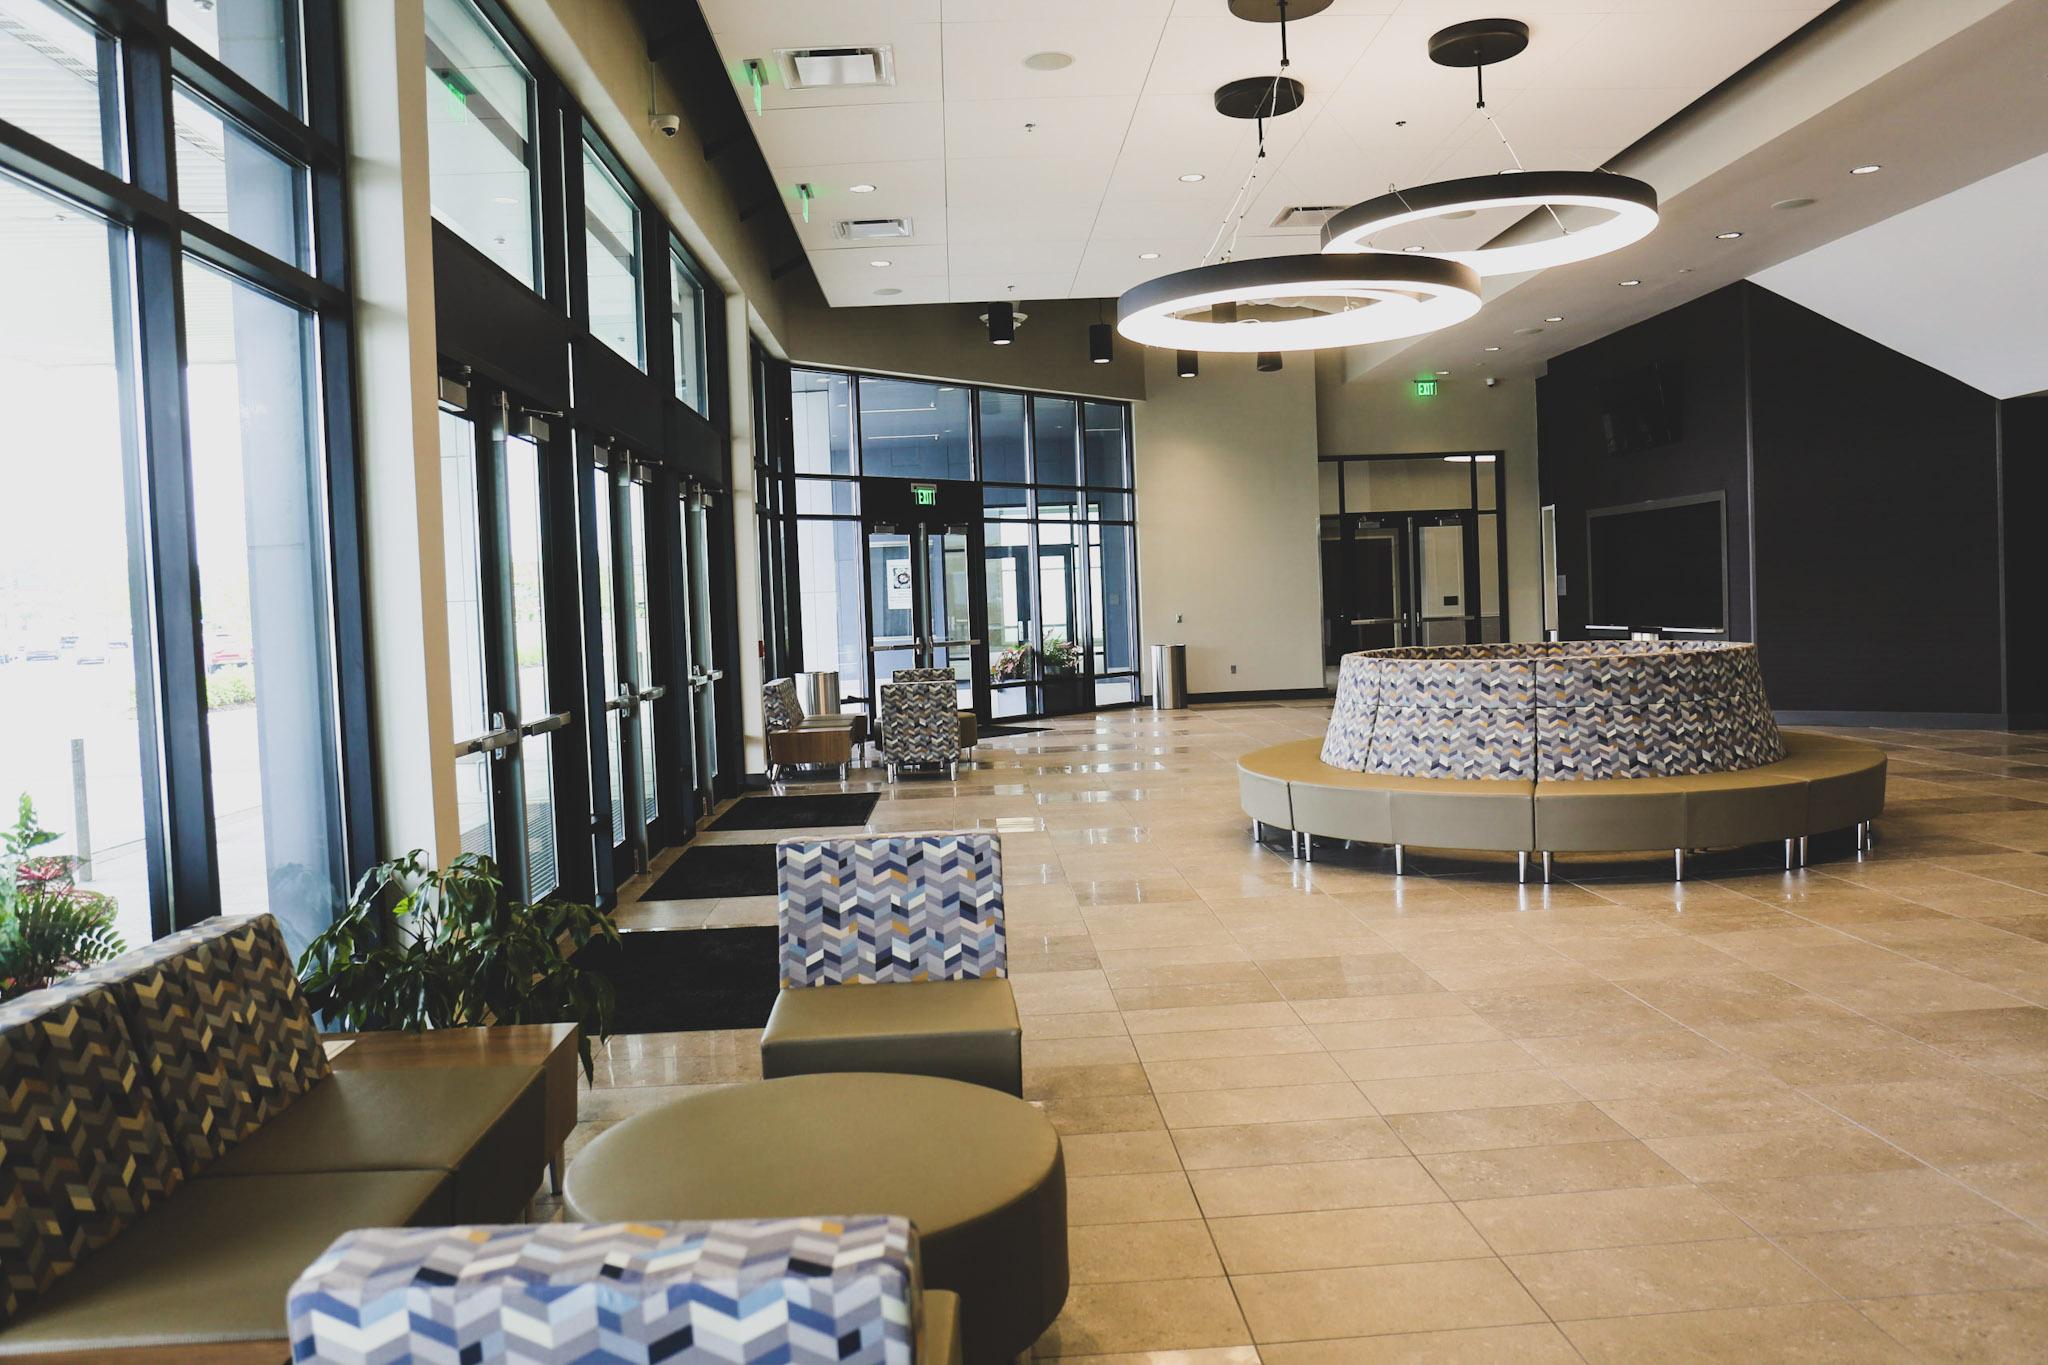 Lobby of Venue